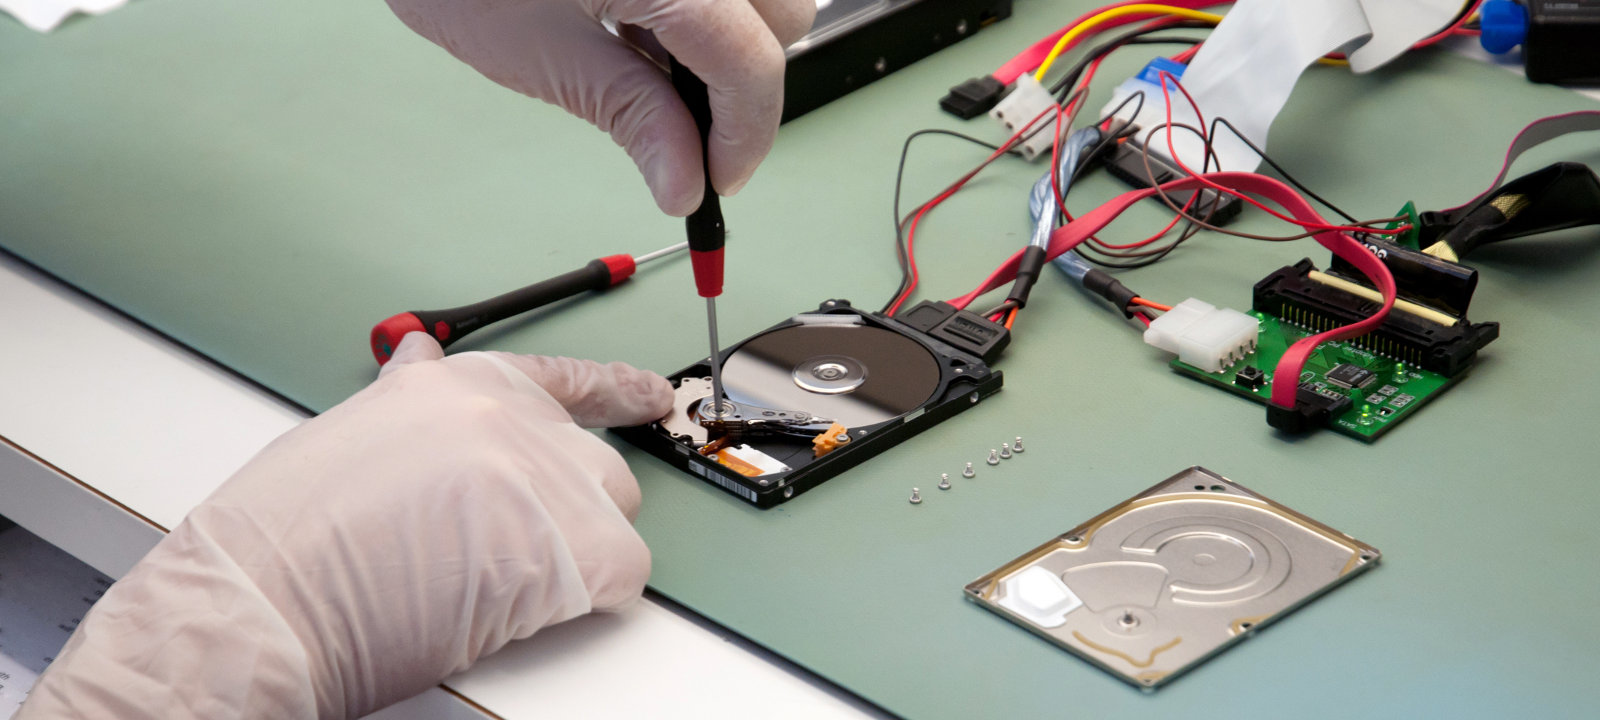 Реверсинг и взлом самошифрующегося внешнего HDD-накопителя Aigo. Часть 1: Препарируем на части - 1